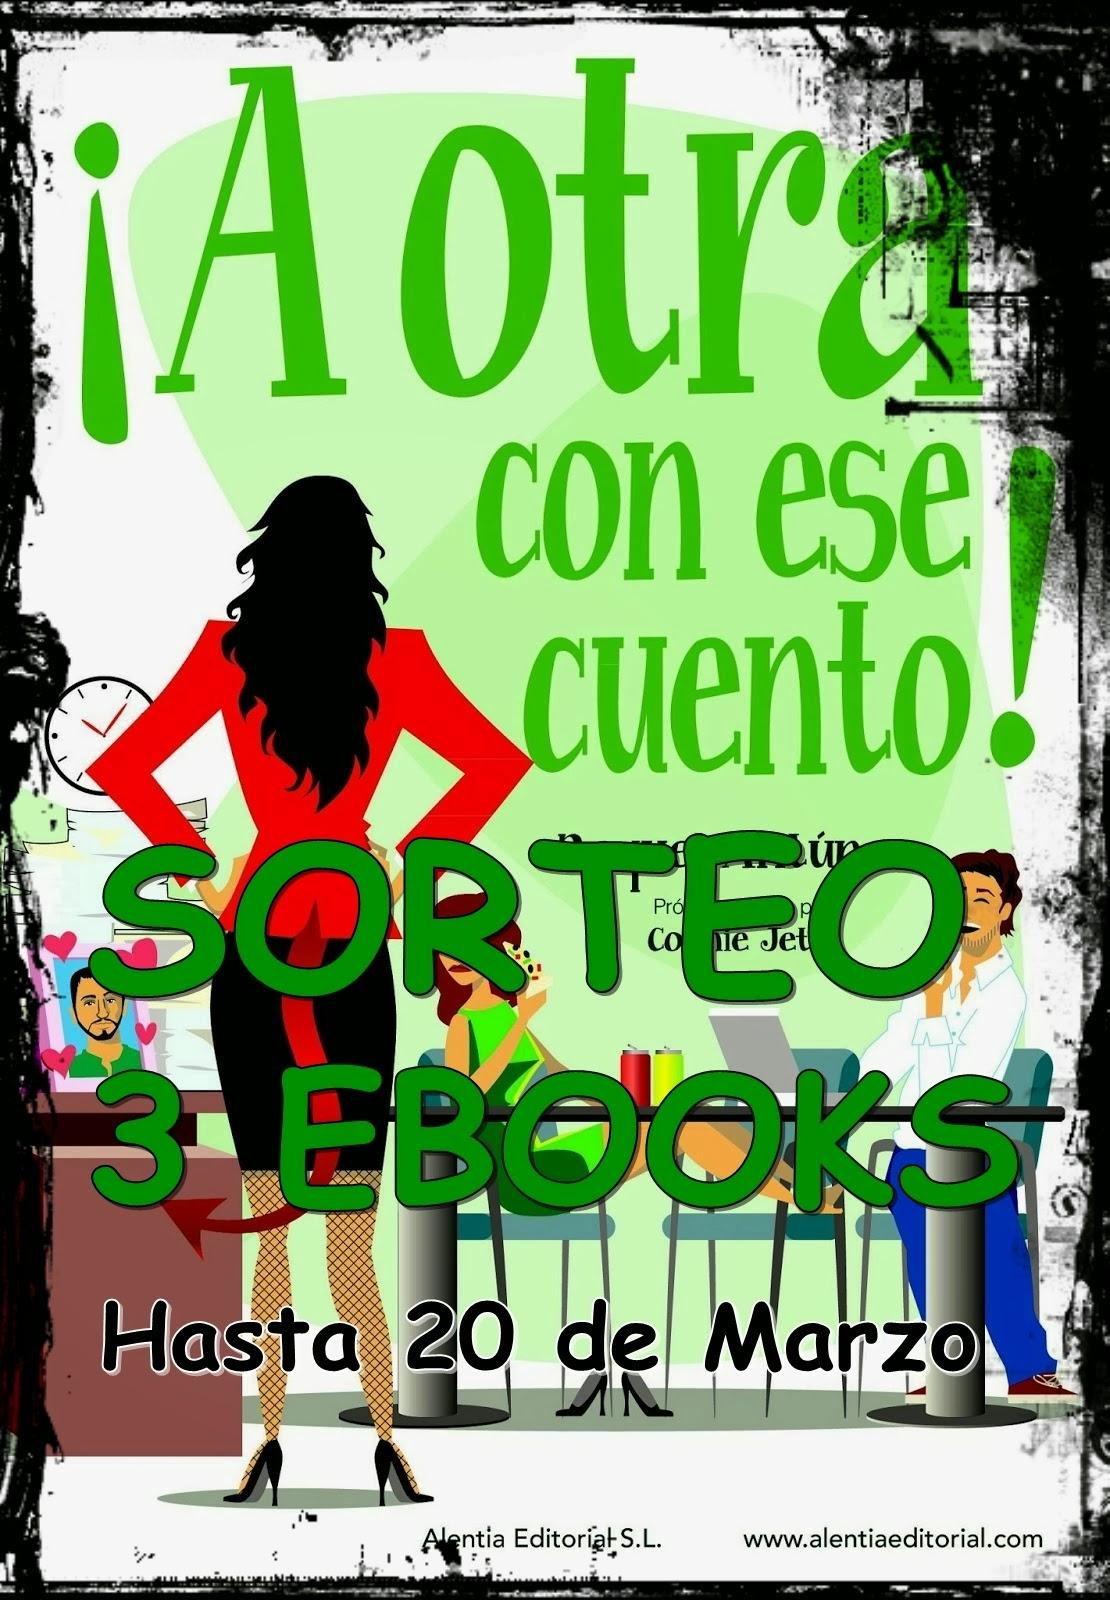 http://lalecturamipasion.blogspot.com.es/2014/02/sorteo-otra-con-ese-cuento.html